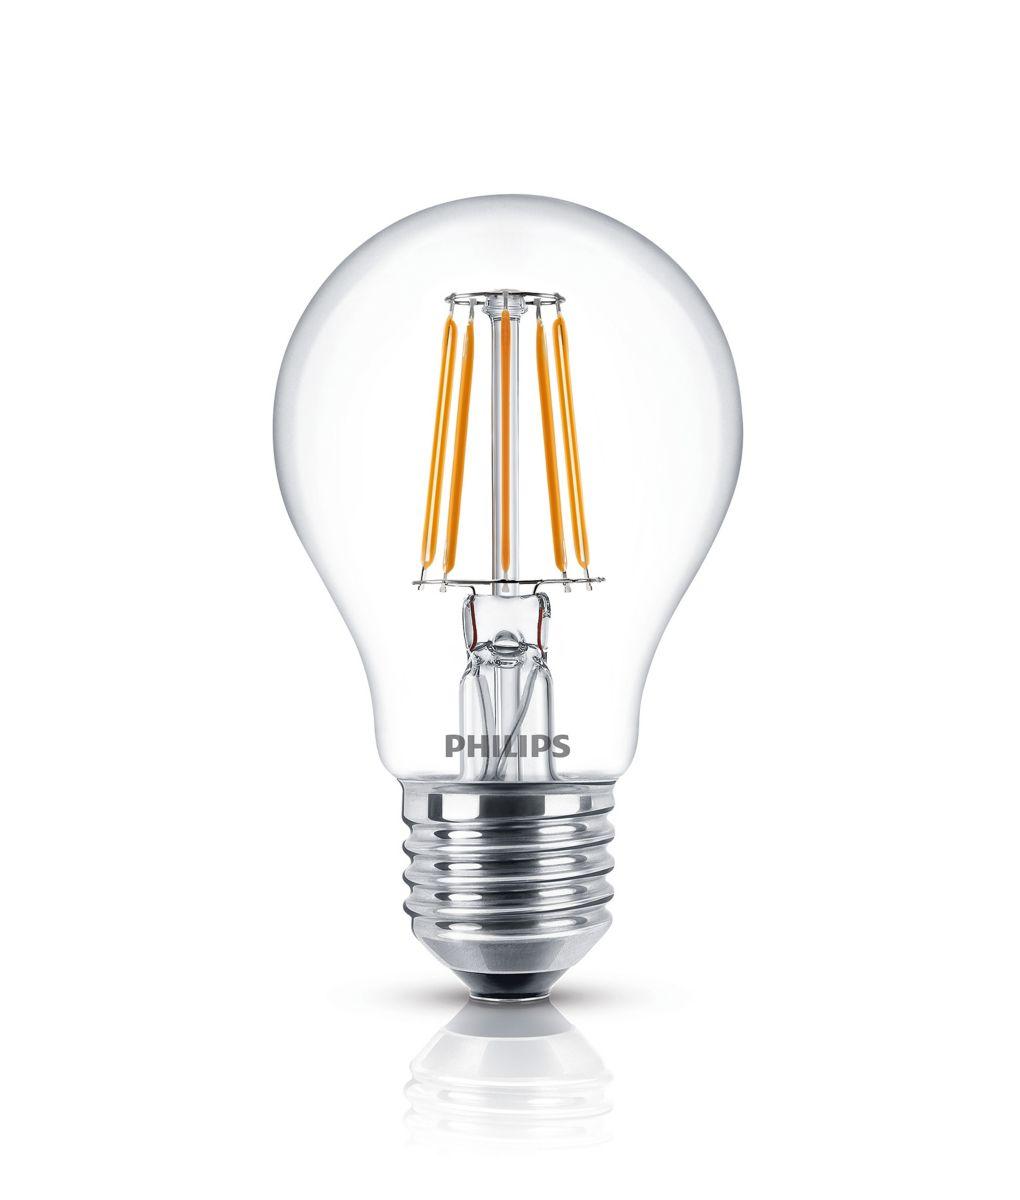 22e1aa6f994240808894a55d017da7c5?clipPathE=legacy_path&$pnglarge$ classic filament led lamps led bulbs philips lighting